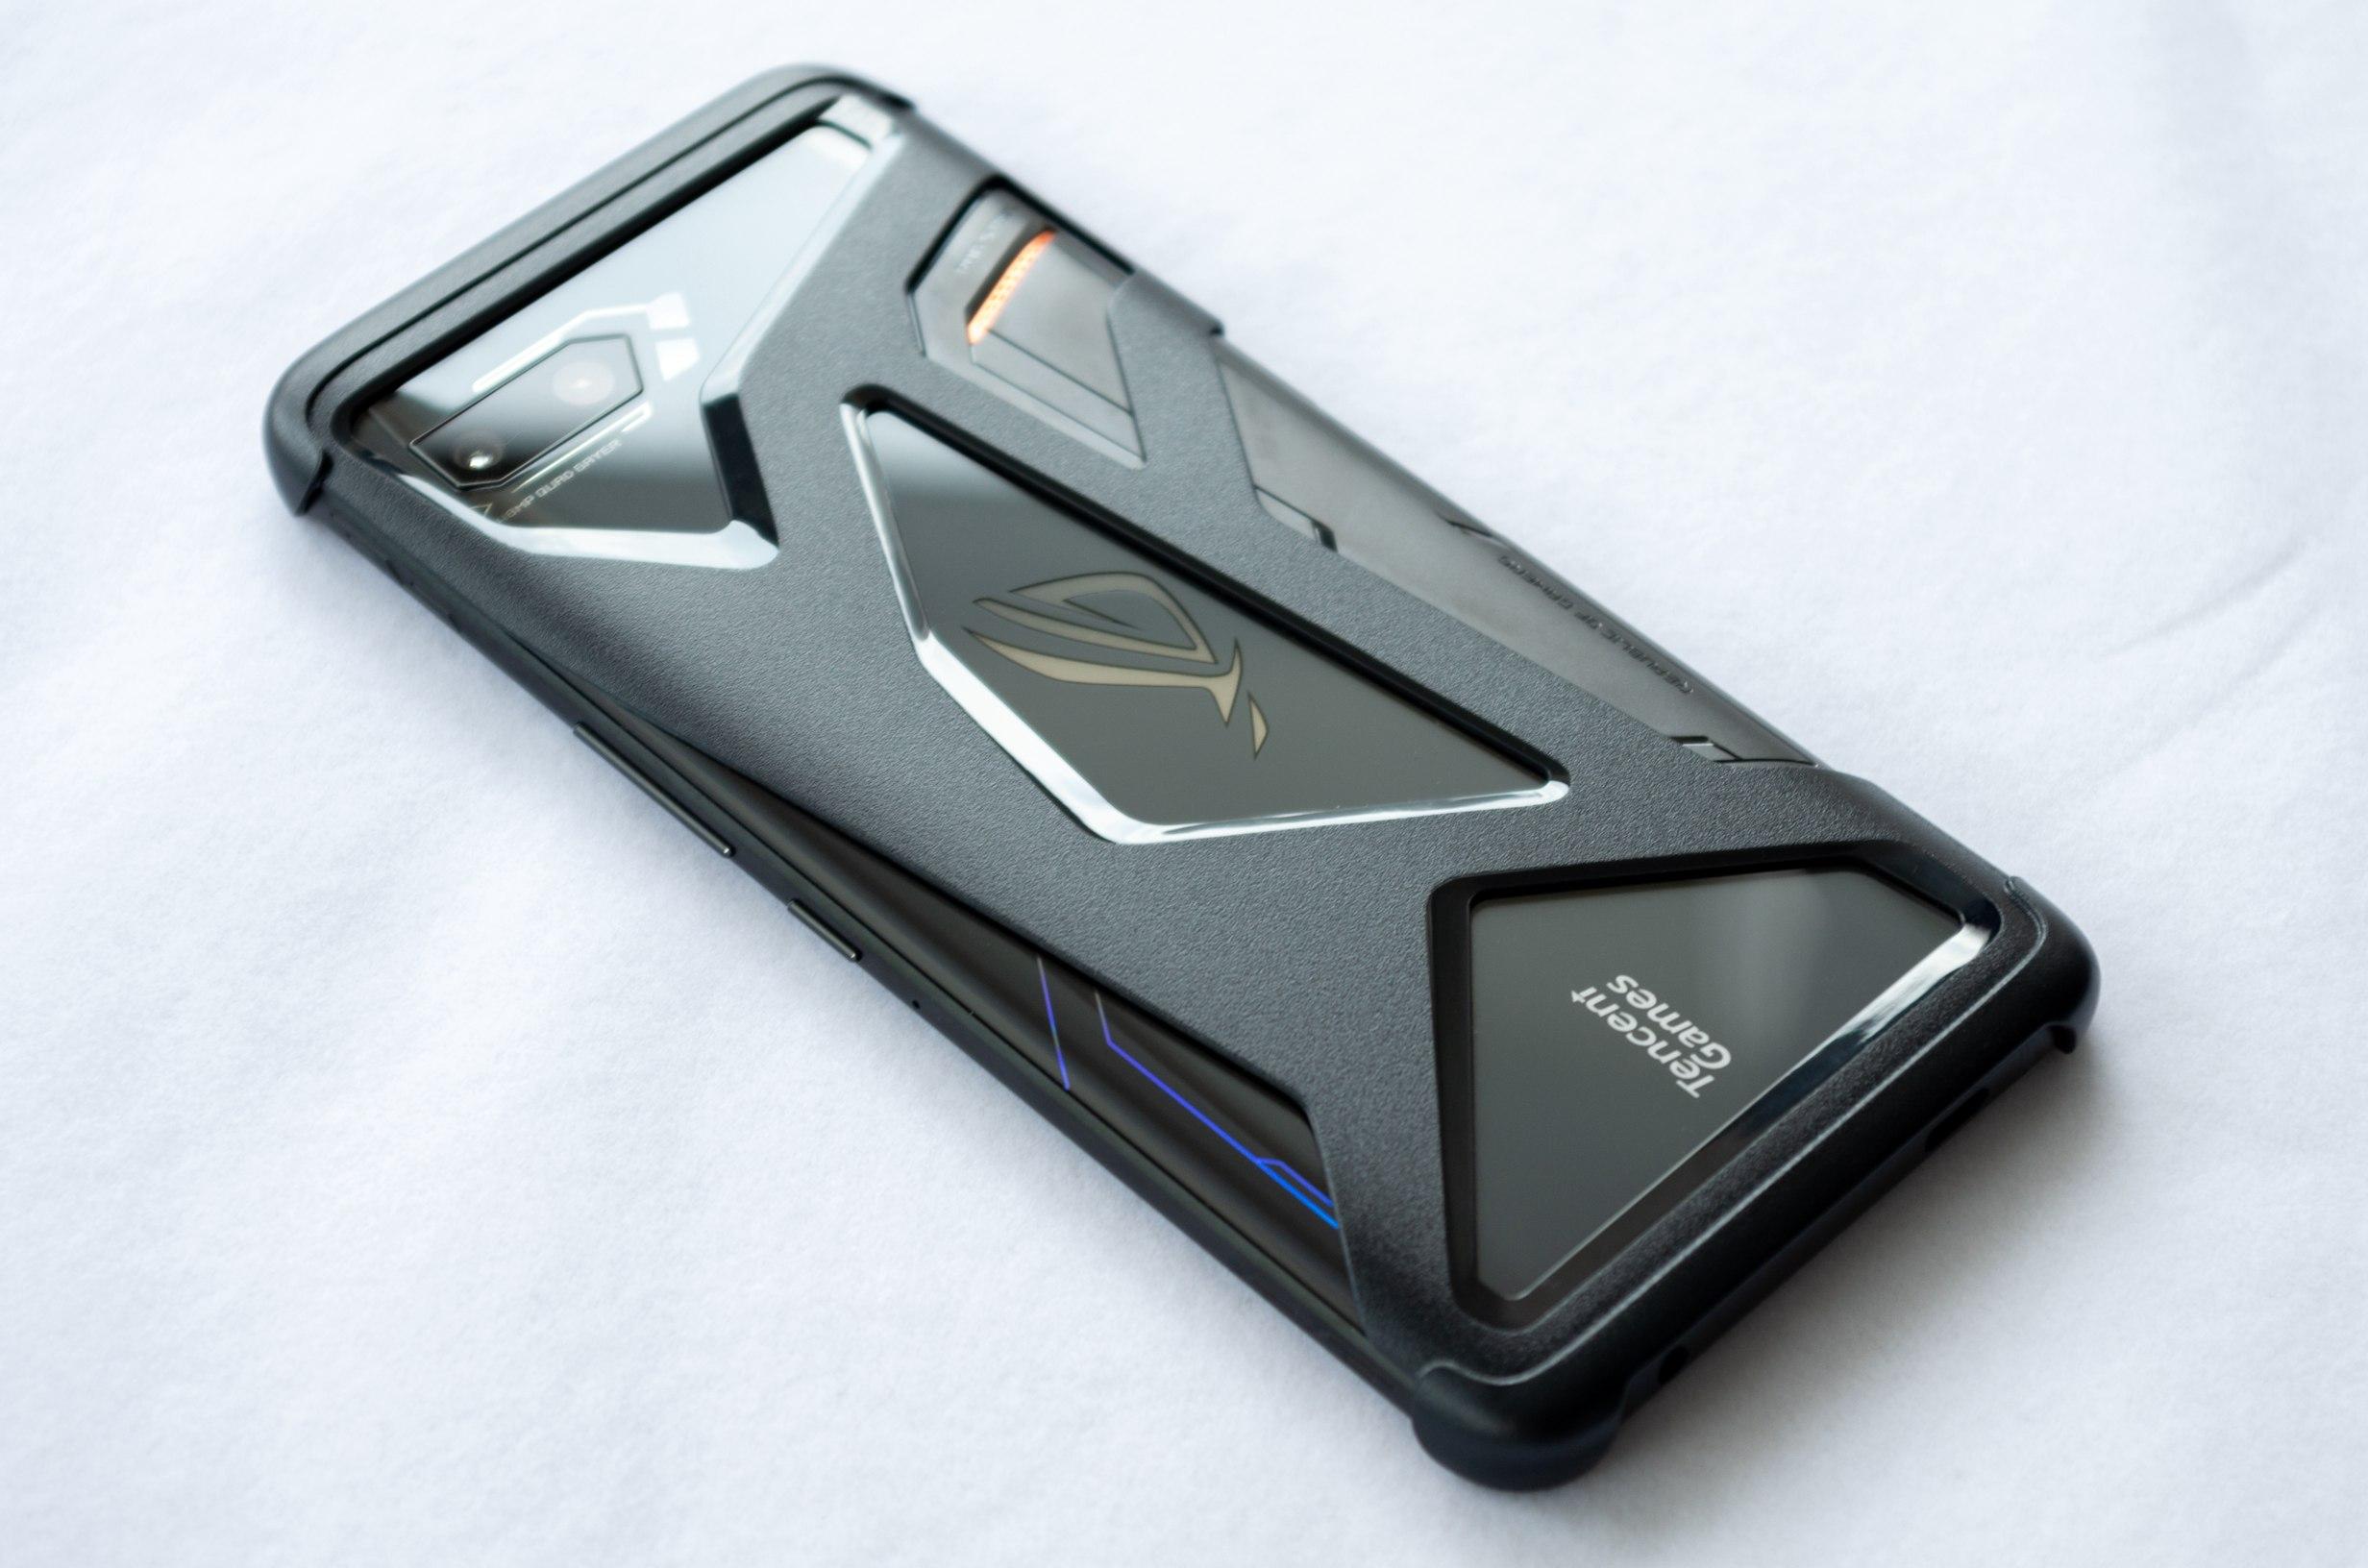 ROG游戏手机2评测:骁龙855 Plus+120Hz屏